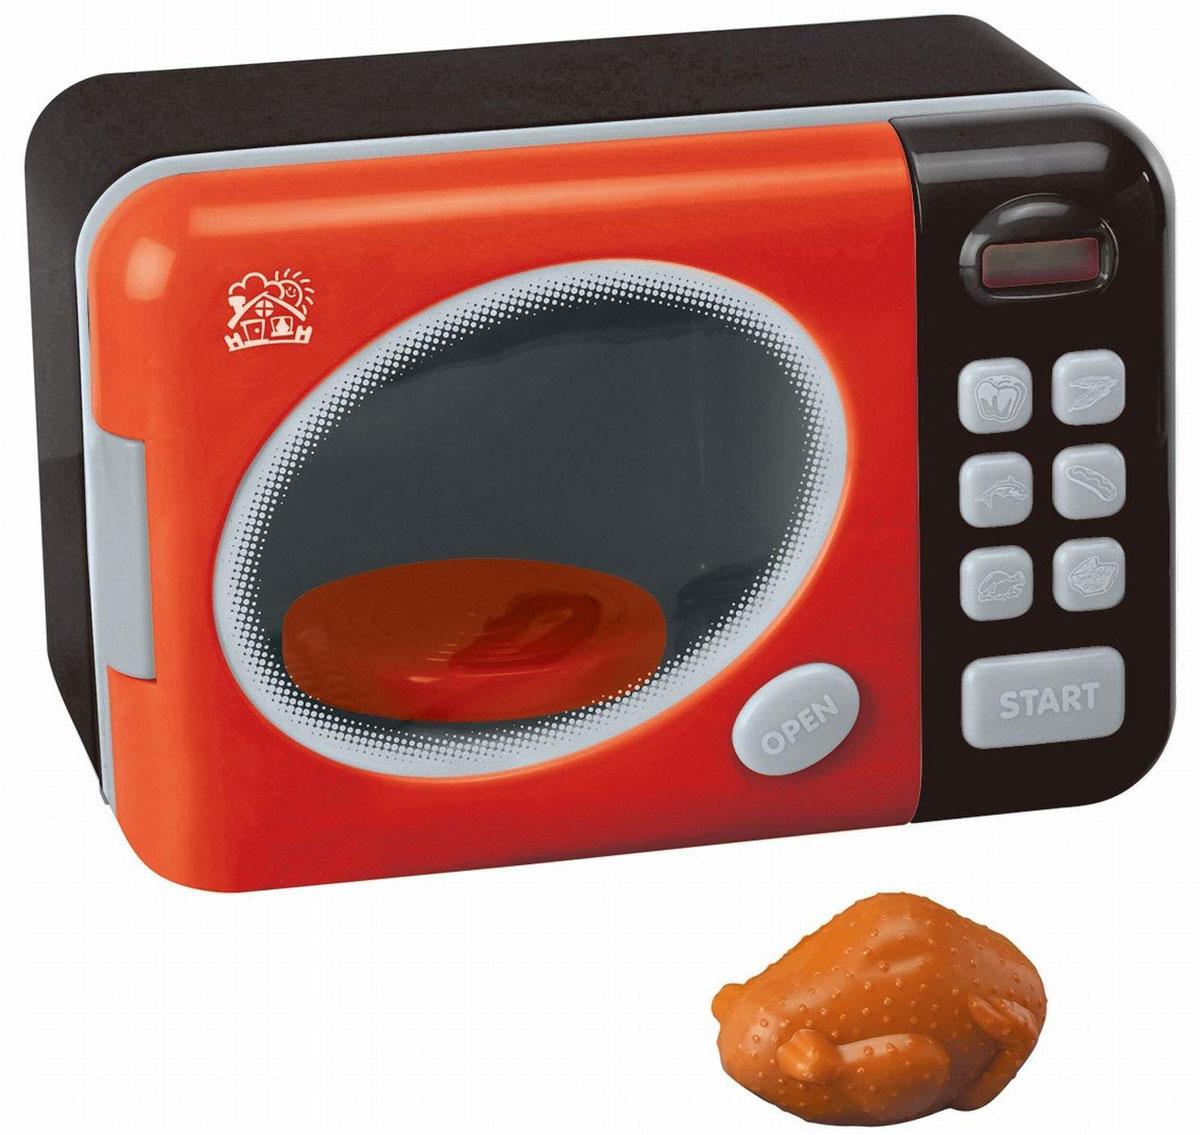 Playgo Микроволновая печь ДелюксPlay 3640Микроволновая печь Playgo Делюкс со световыми и звуковыми эффектами непременно понравится вашему ребенку и не позволит ему скучать. Она выполнена из прочного пластика и выглядит совсем как настоящая. Прибор имеет 6 режимов готовки: варка кукурузы, приготовление рыбы, запекание курицы, приготовление хот- догов, размораживание, выпекание хлебобулочных изделий. Выберите нужный режим нажатием соответствующей кнопки, печка автоматически покажет на дисплее, сколько времени требуется на приготовление пищи в выбранном режиме. Далее нажмите кнопку START. После приготовления раздастся предупреждающий сигнал. Нажмите на кнопку OPEN, чтобы дверца открылась. Во время работы микроволновая печь издает реалистичные звуки, внутри вращается круглая подставка и работает подсветка. В комплект с печью входит курица. Такая игрушка поможет ребенку развить звуковое восприятие, мелкую моторику рук и координацию движений, а также станет важным элементом сюжетно-ролевых игр...